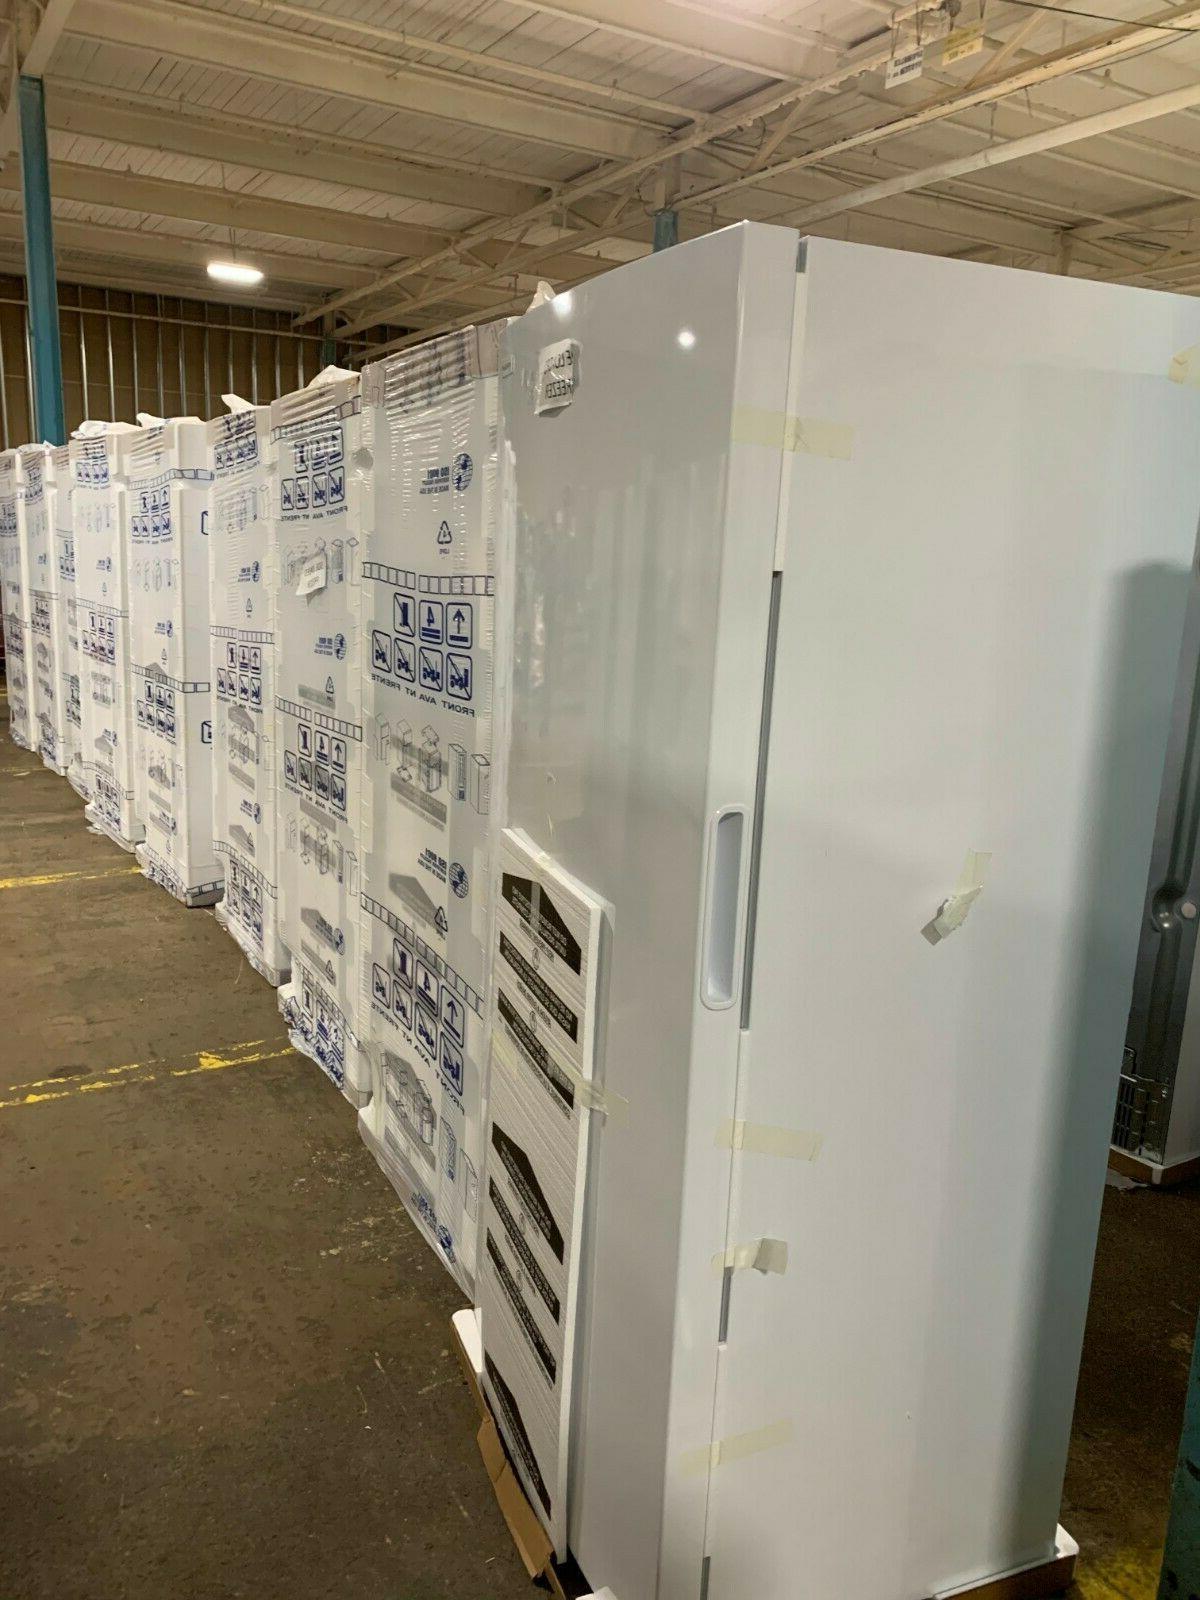 2020 frigidaier freezer brand new upright 20